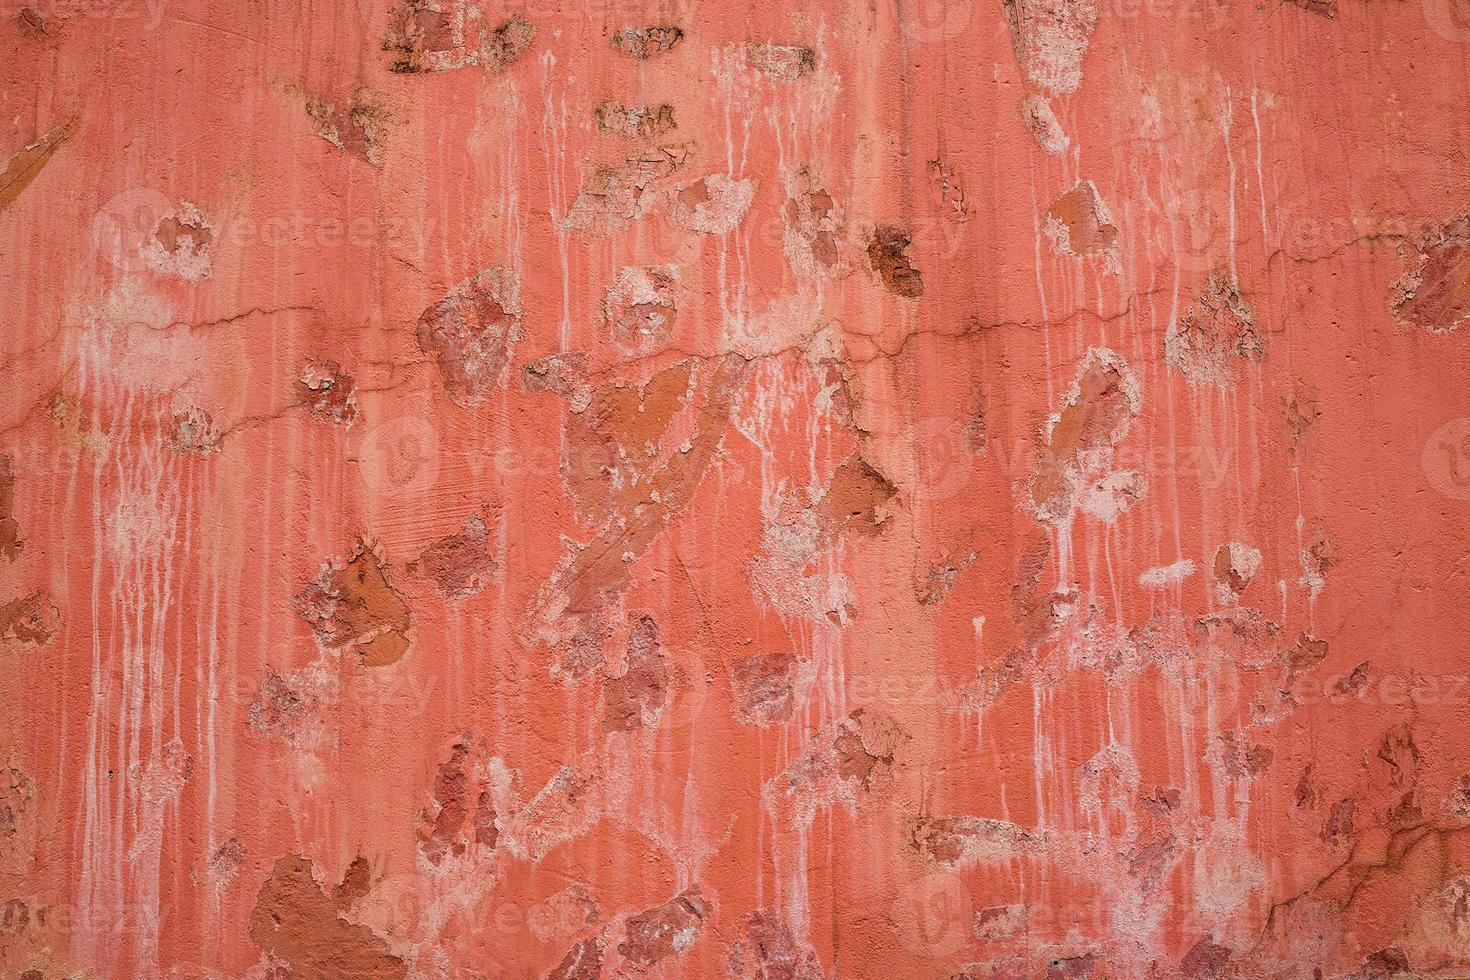 färgglada mönster och texturer av gammal cementvägg för bakgrund foto